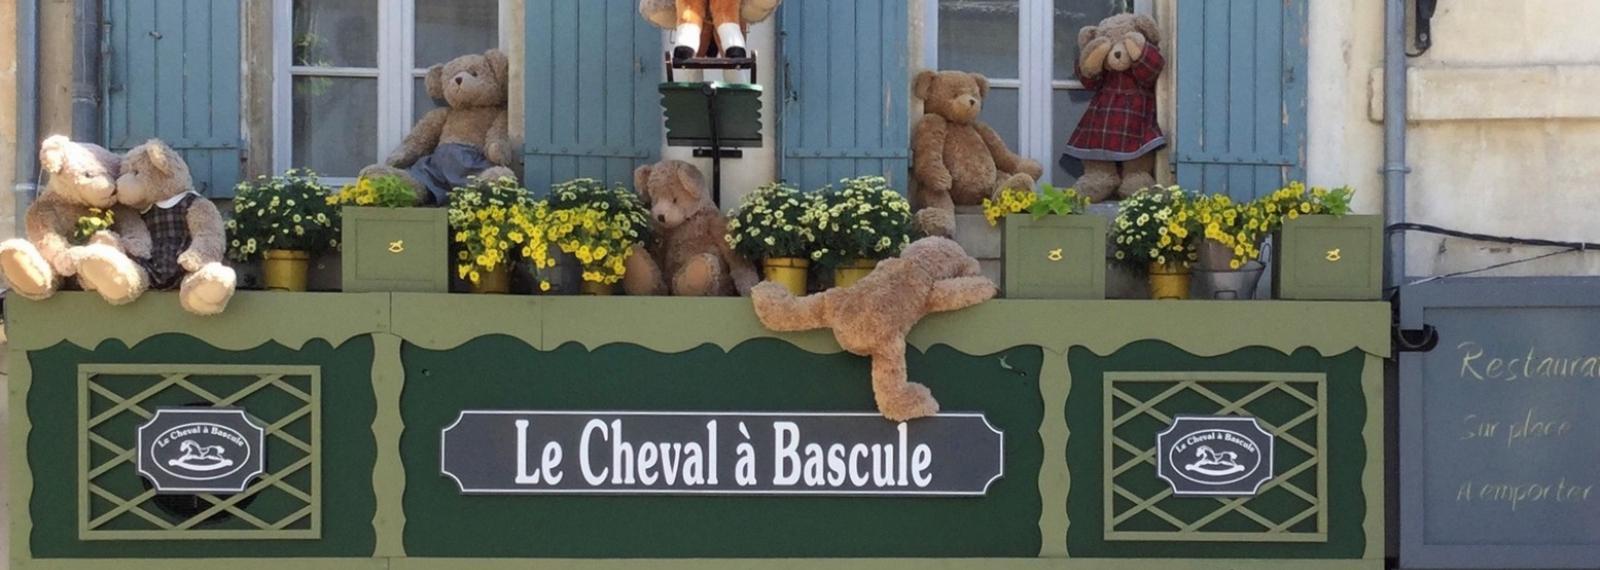 Le Cheval à bascule Saint-Rémy-de-Provence